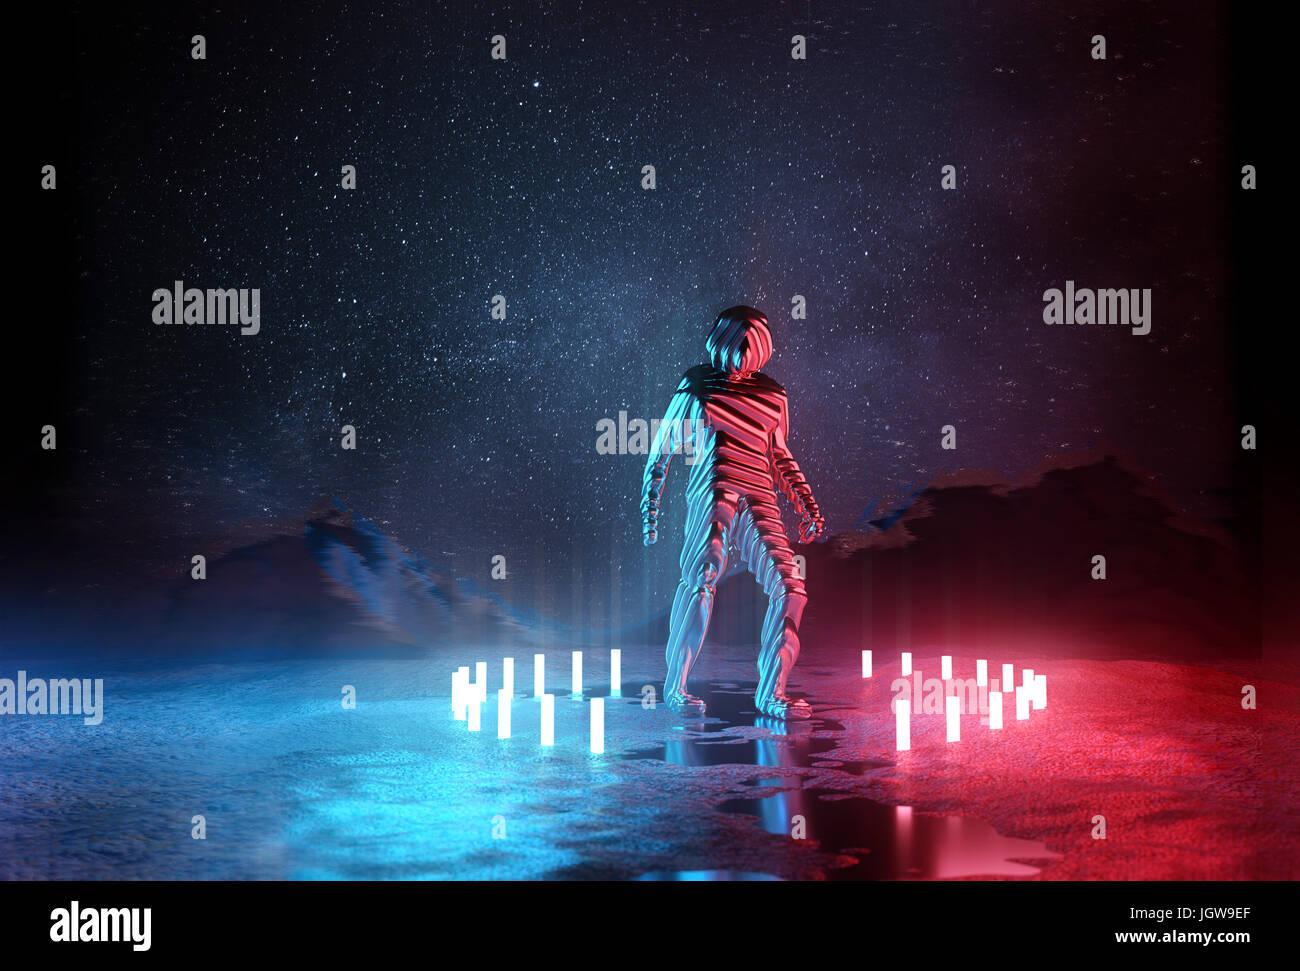 Fast menschlich. Seltsame futuristischen Spaceman durch rote und blaue Lichter in der Nacht beleuchtet. 3D Illustration. Stockbild